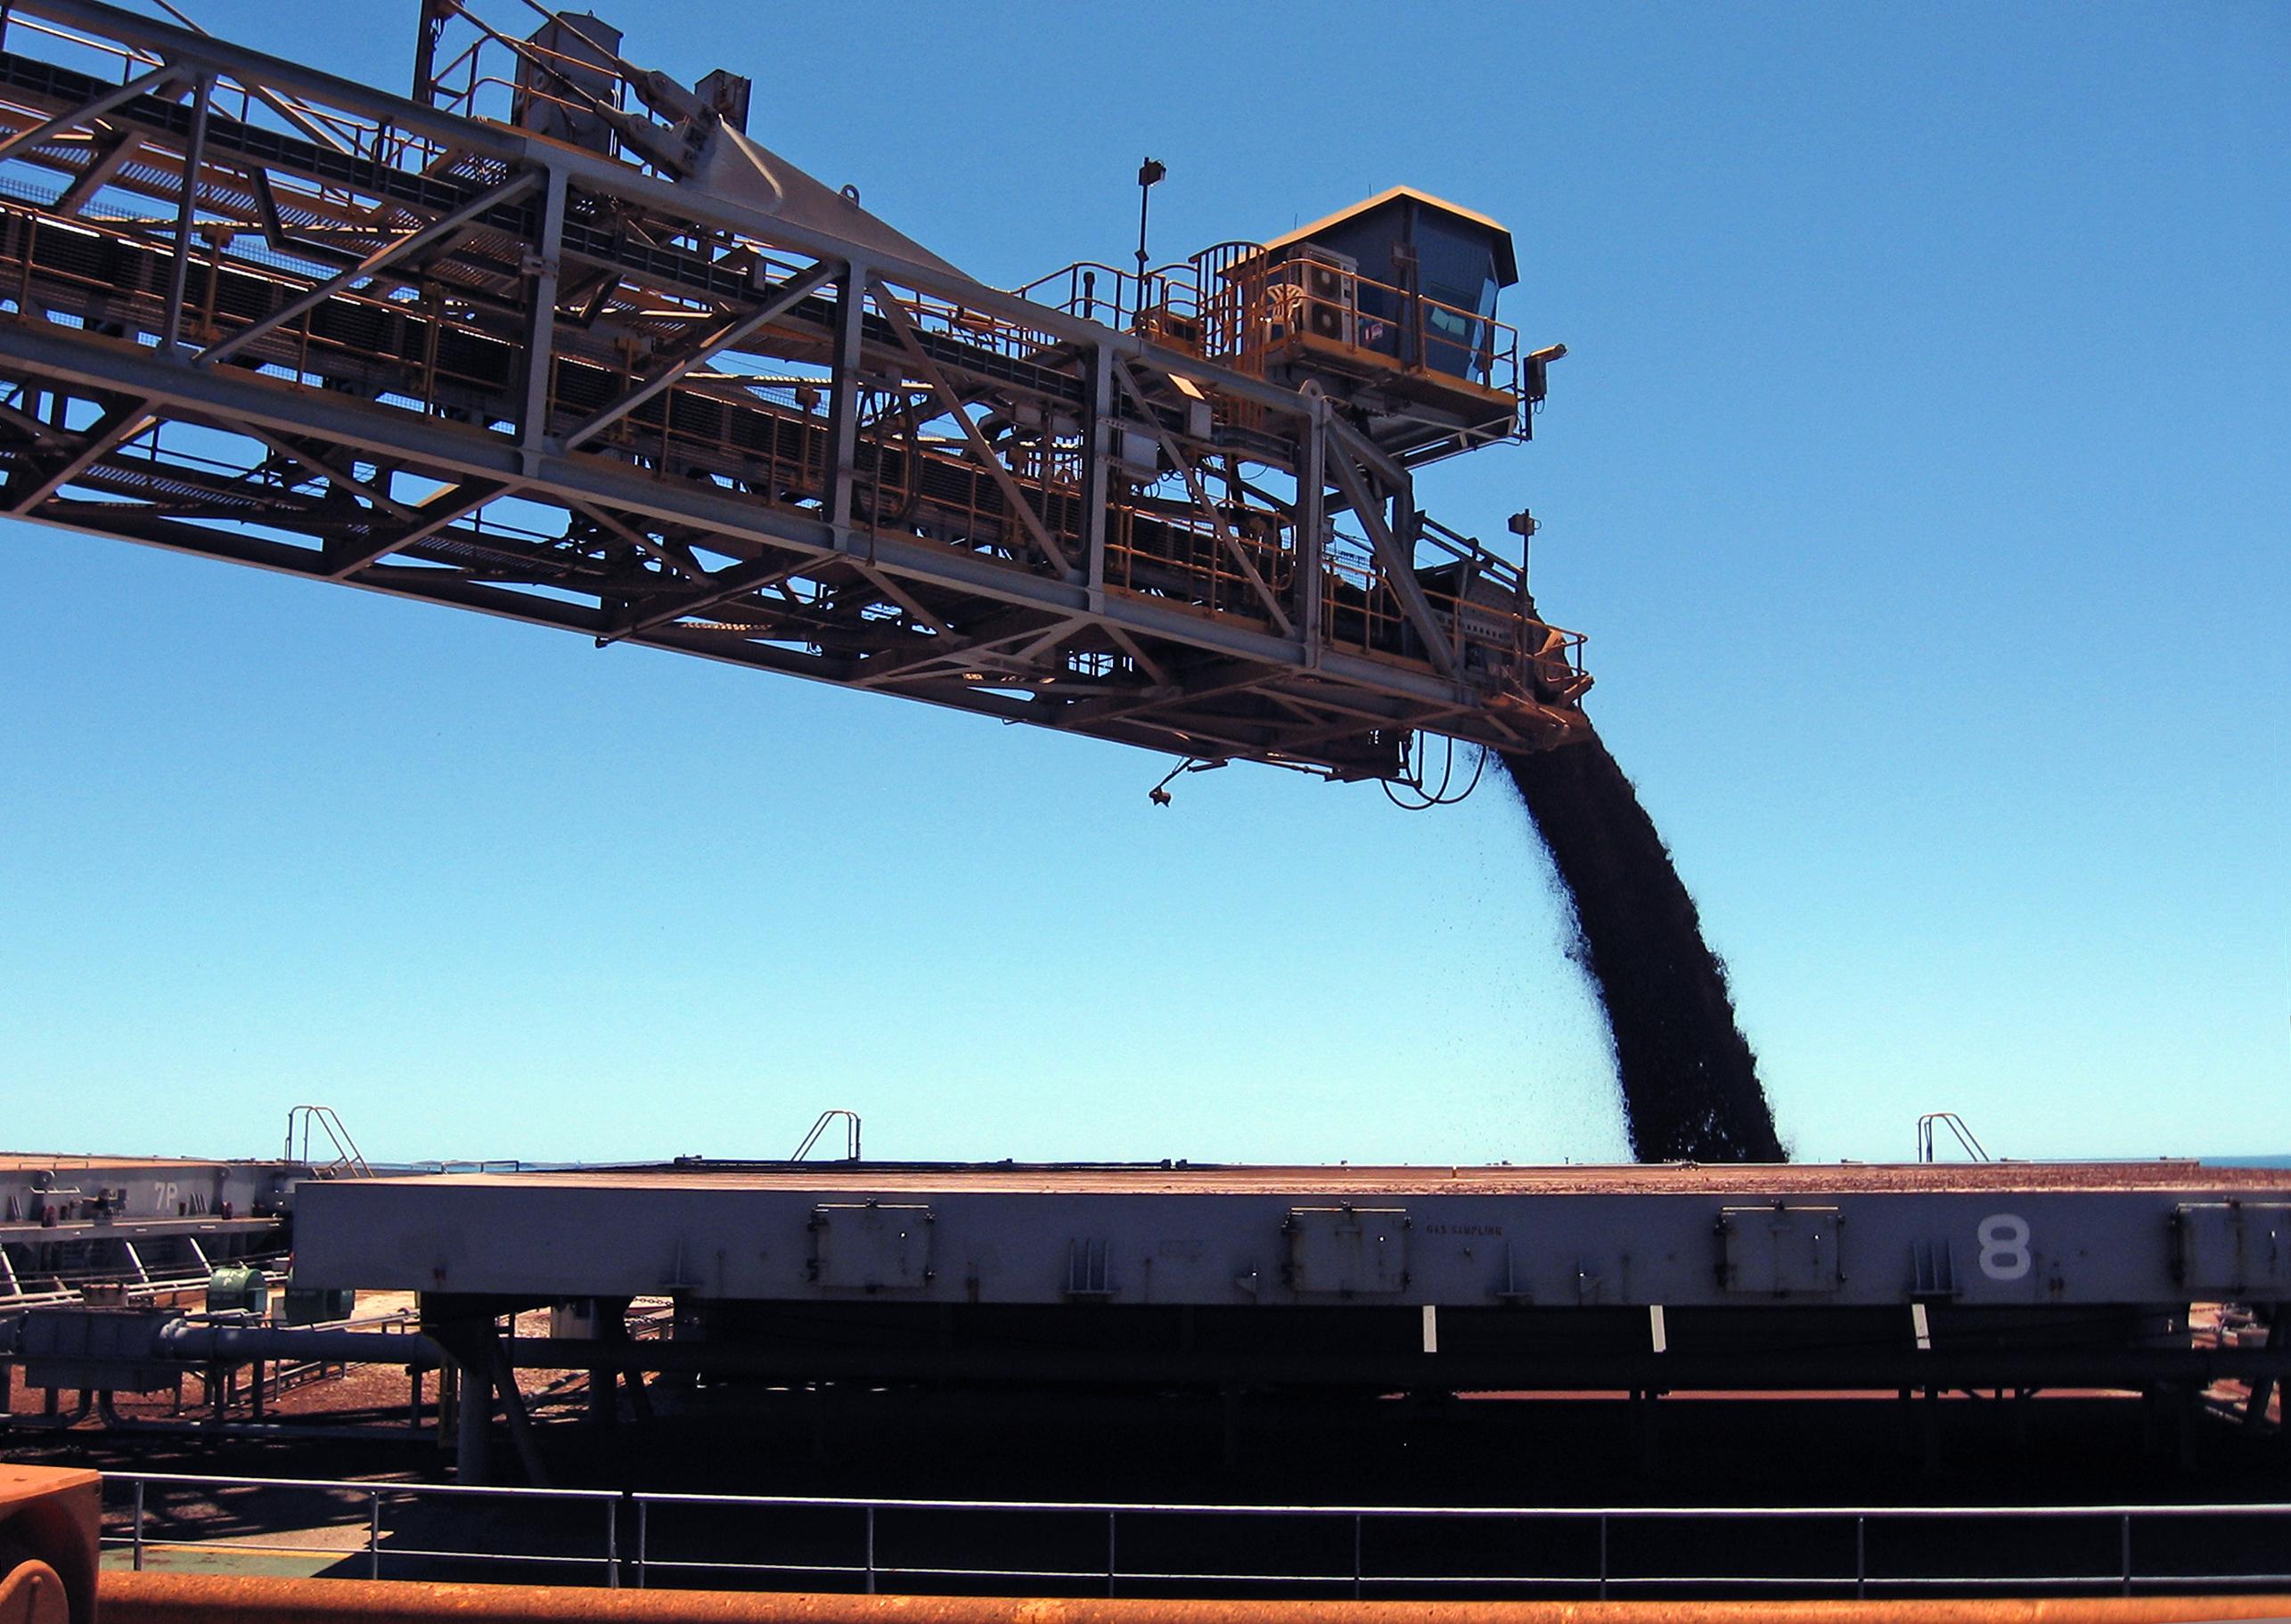 File:CSIRO ScienceImage 11678 A Rio Tinto iron ore shiploader in